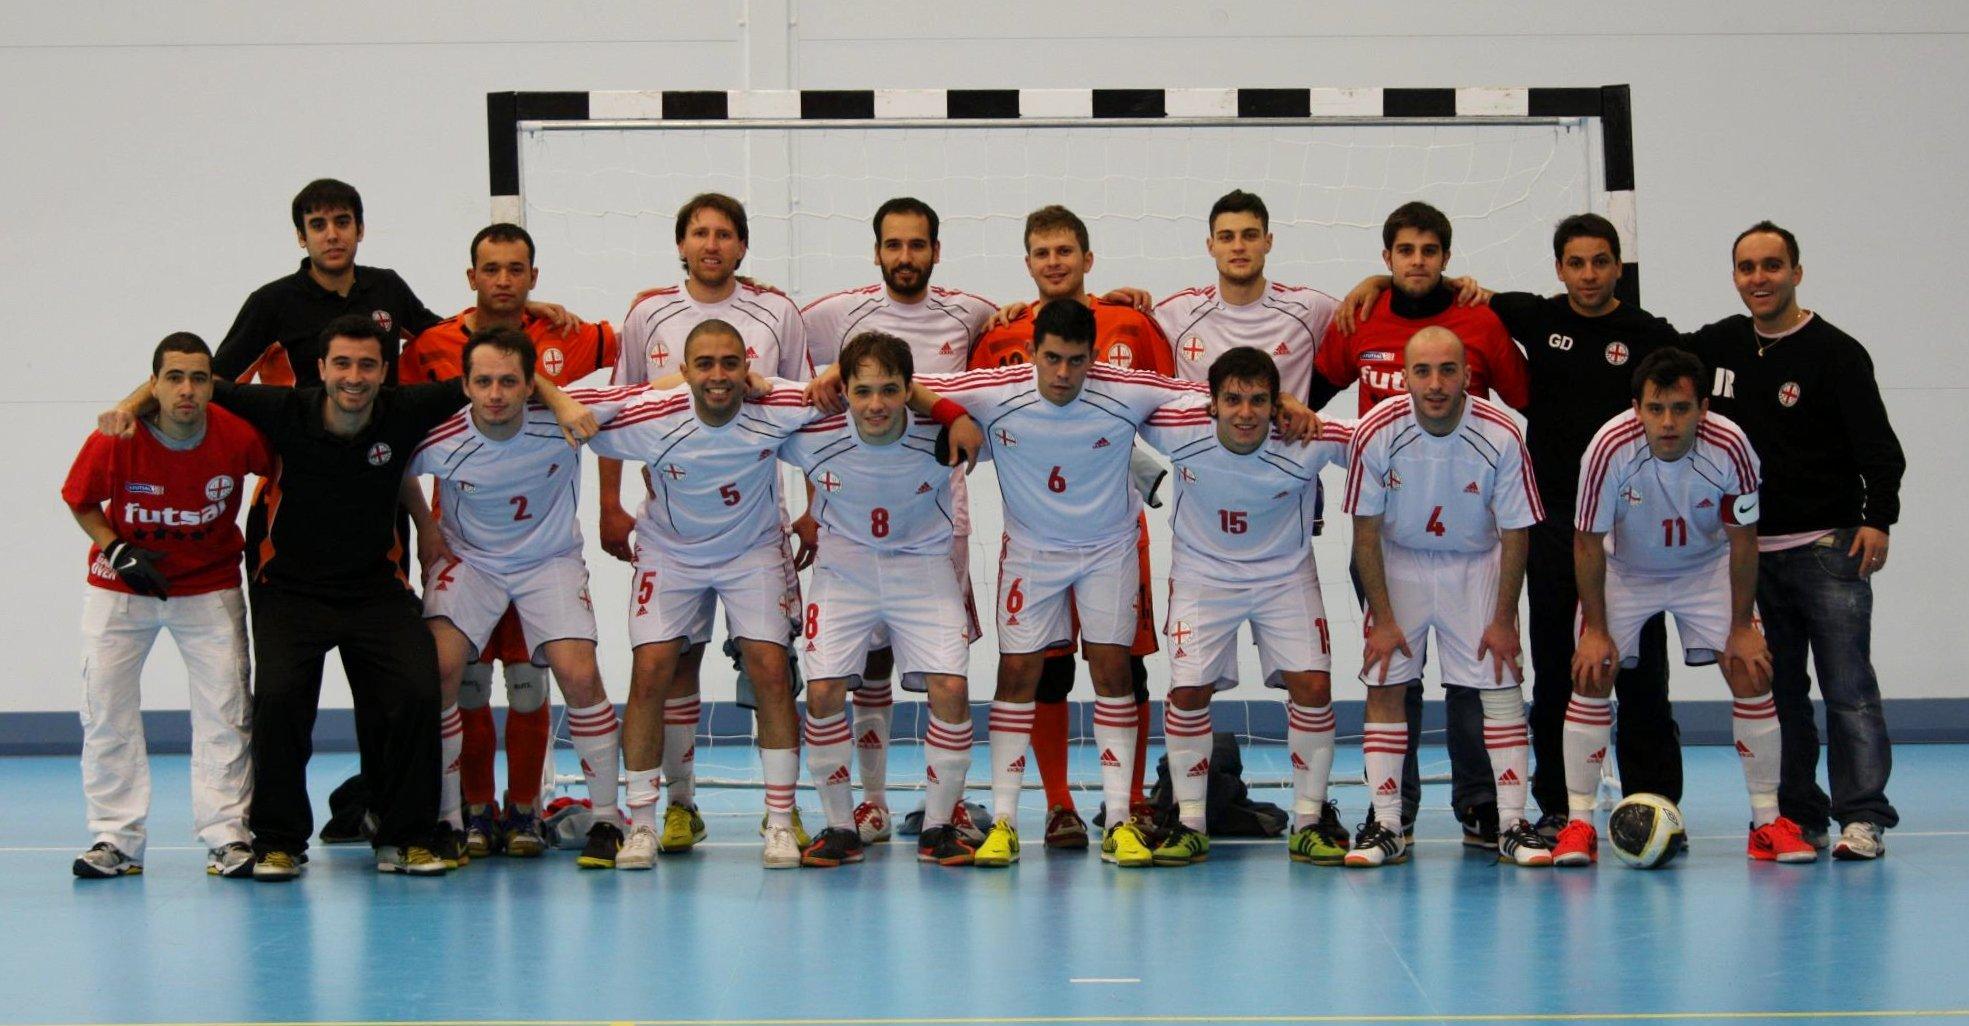 Hoy conocemos al London United Futsal Club